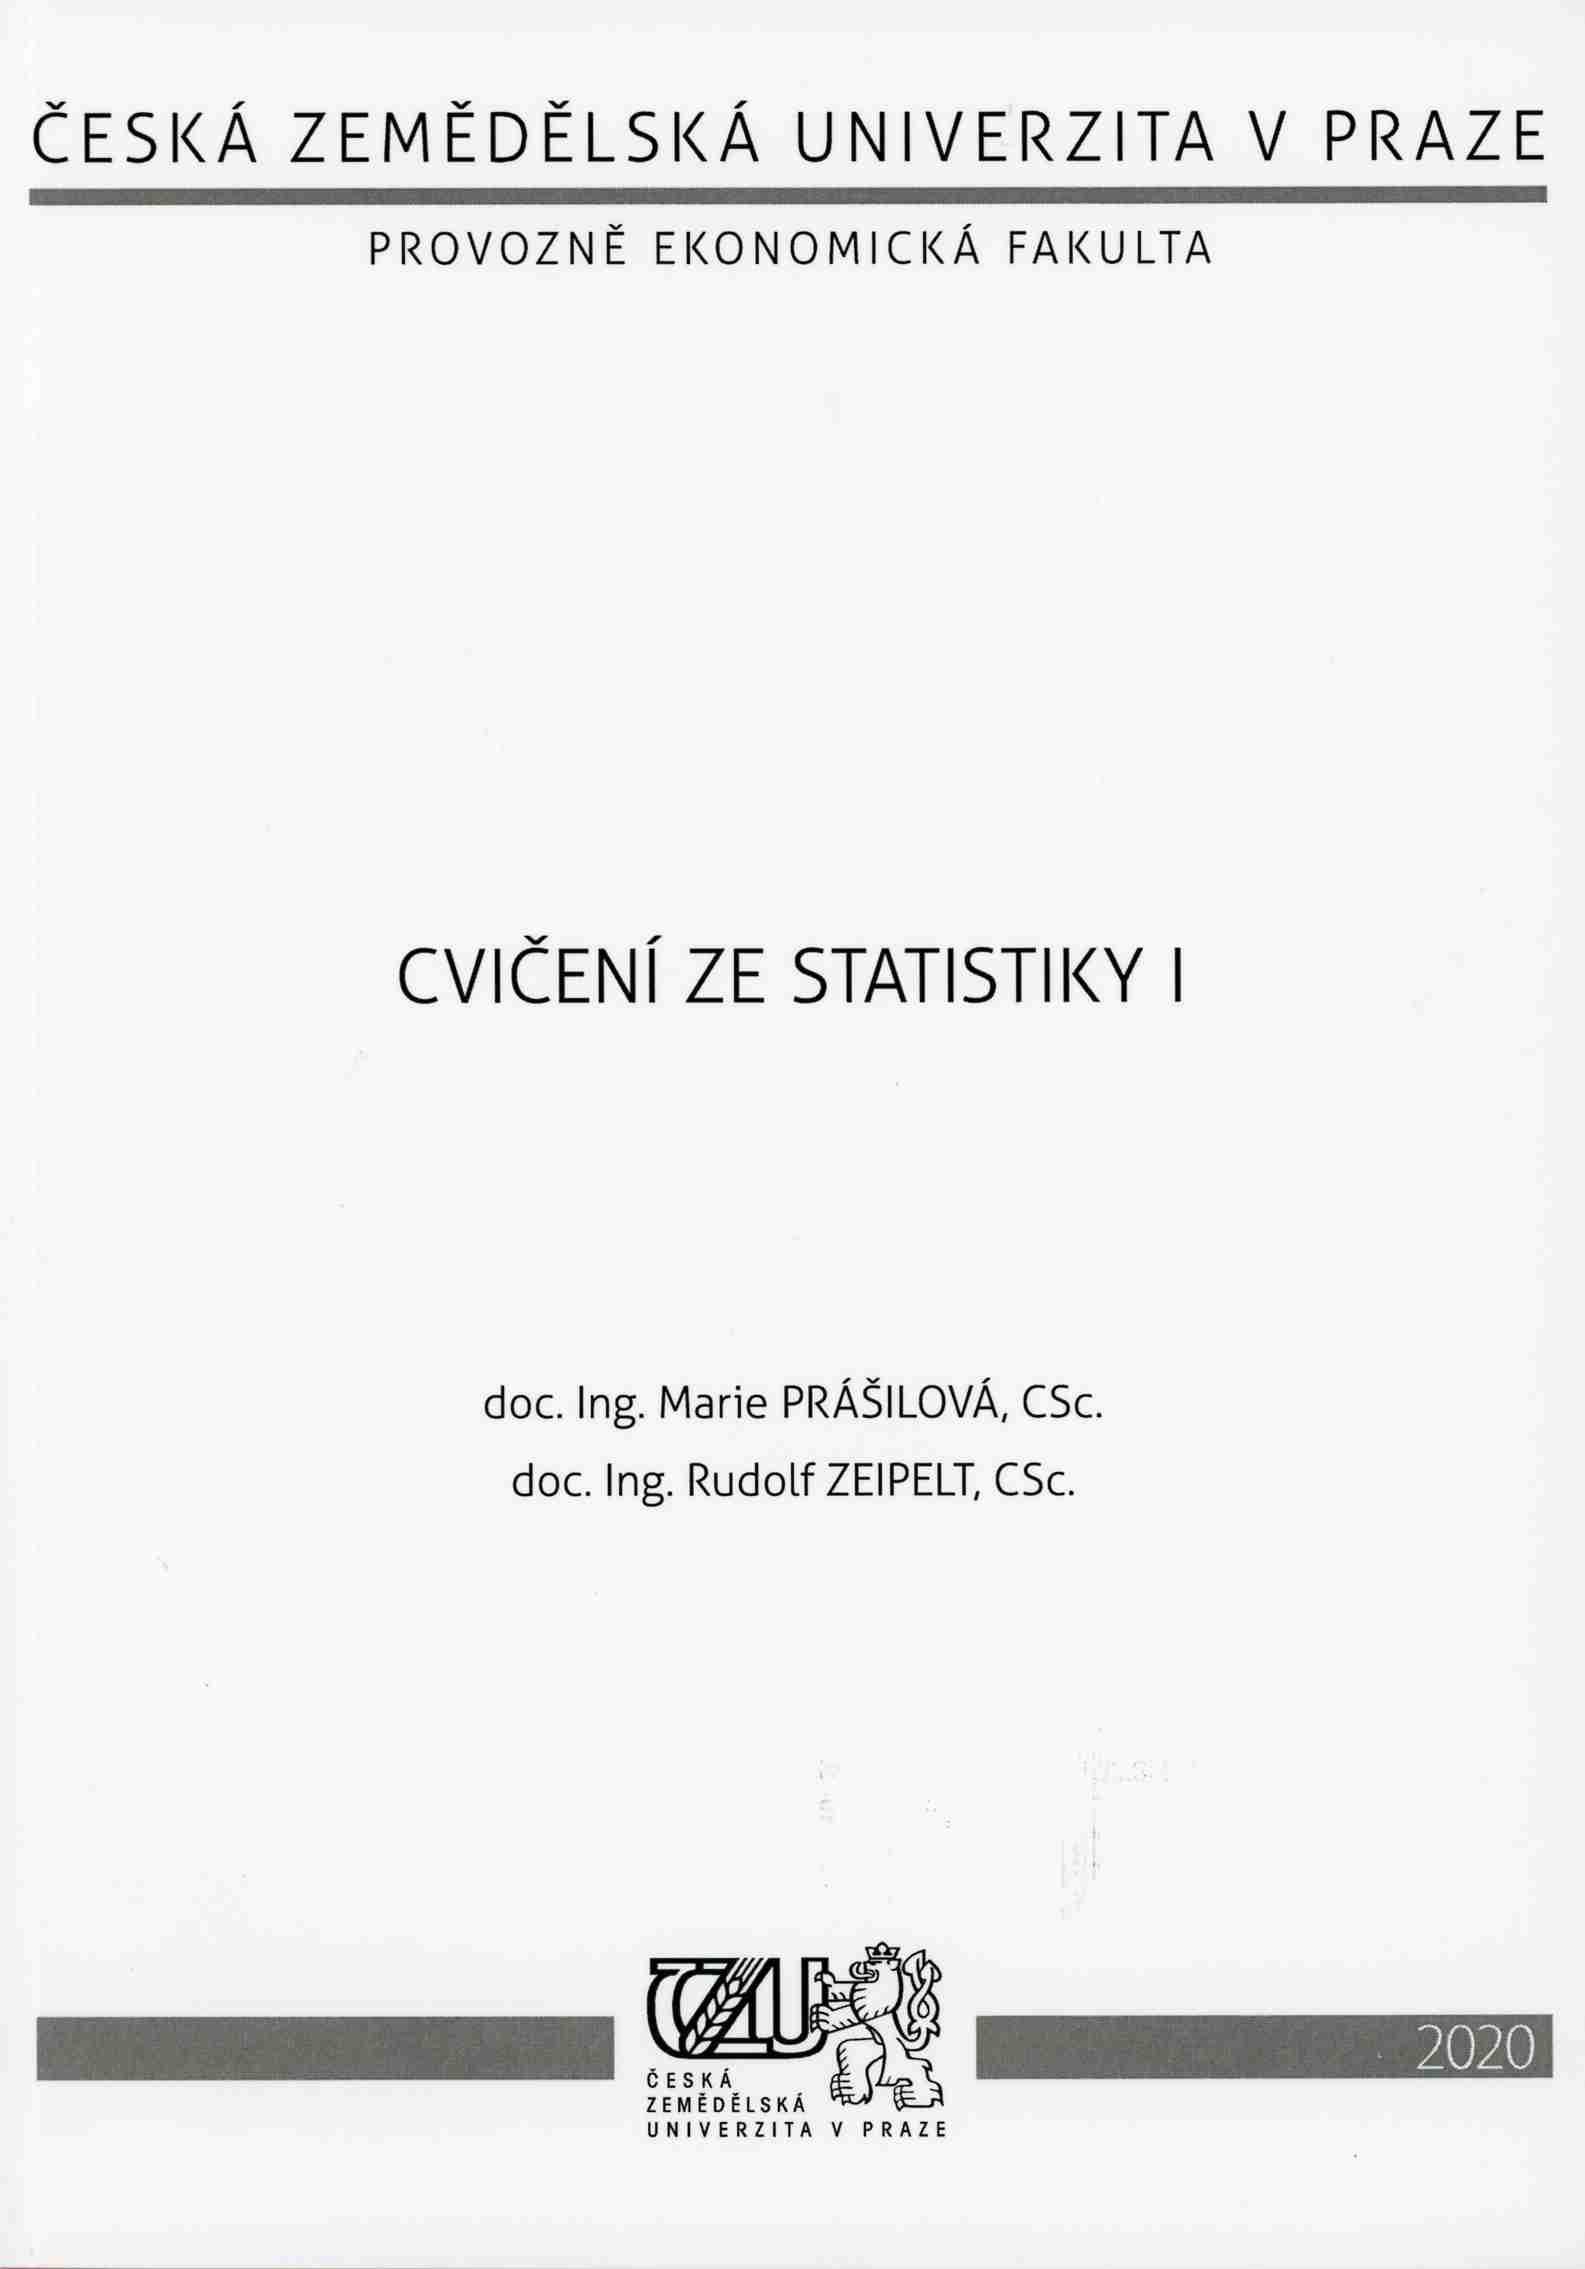 Cvičení ze statistiky I